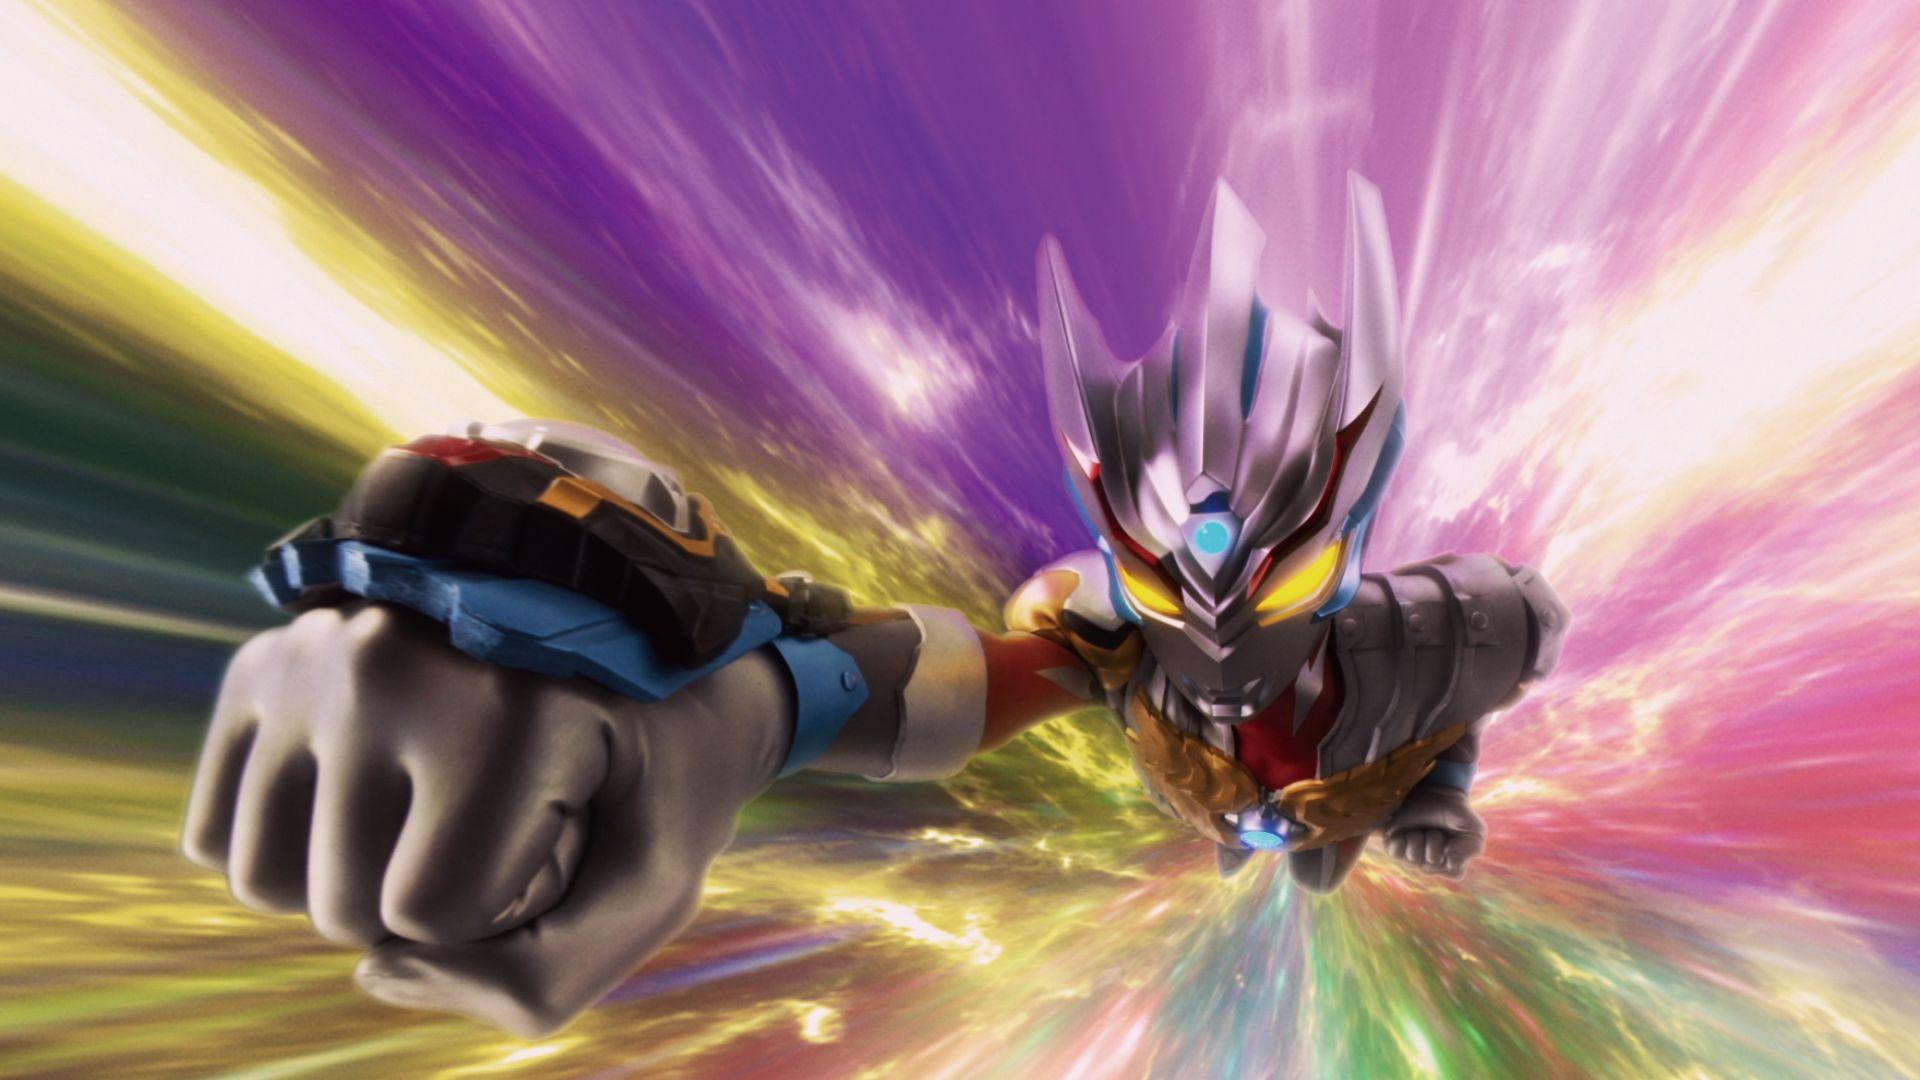 為了擊退怪獸葛利姆德 集結新世代超人力霸王眾人之力的超人力霸王「令河」誕生01